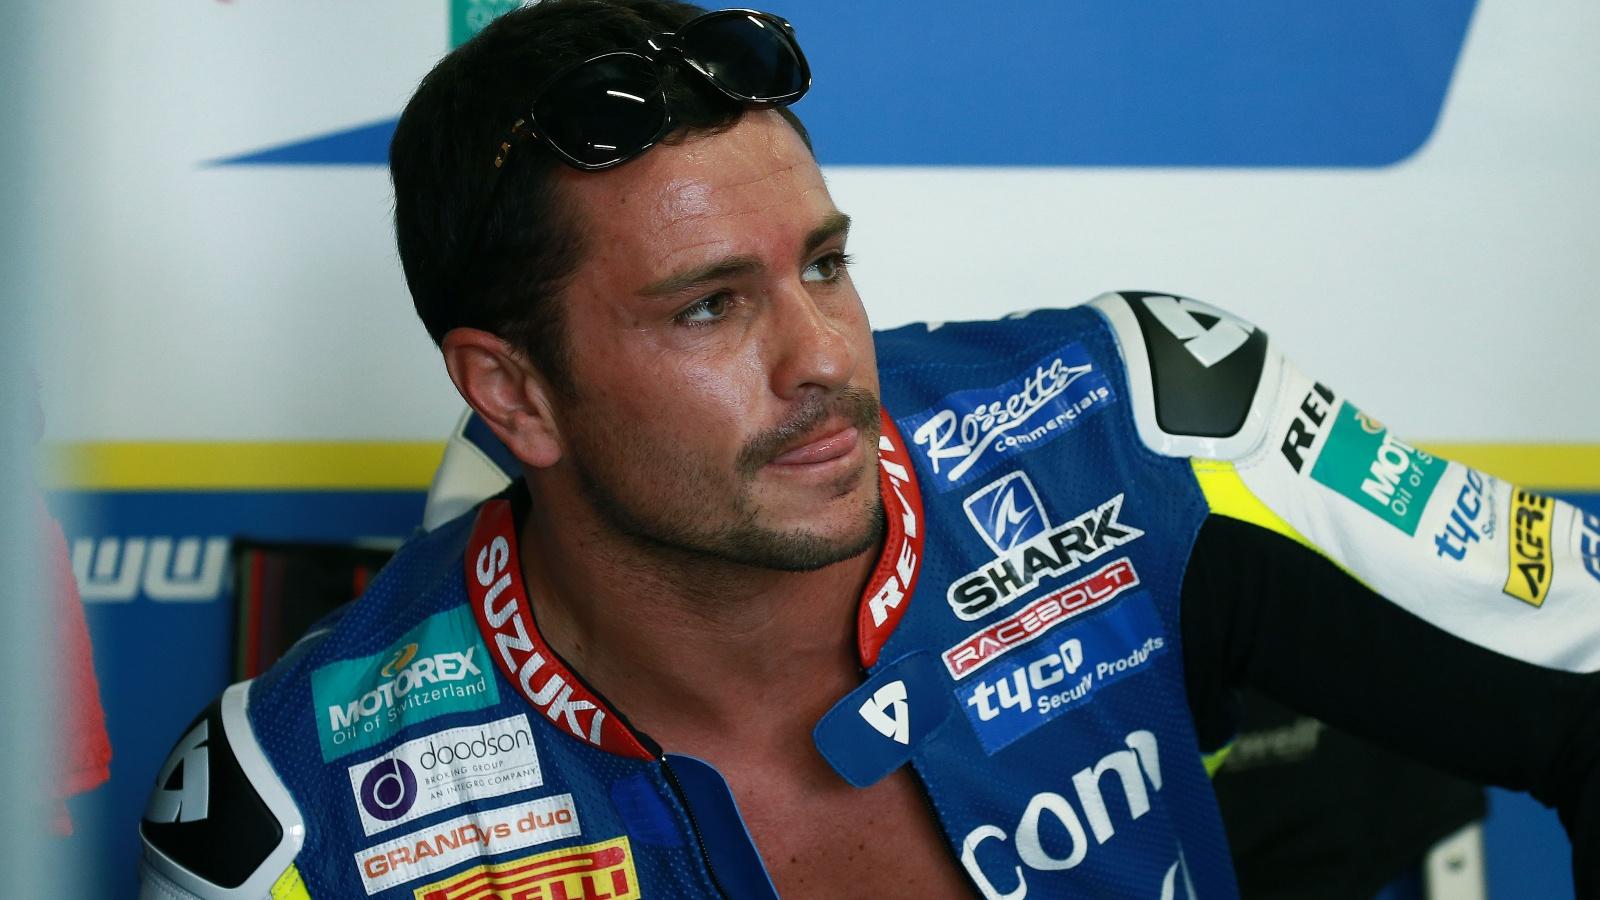 Randy De Puniet es el fichaje estrella para la entrada de Ducati en el Mundial de Resistencia